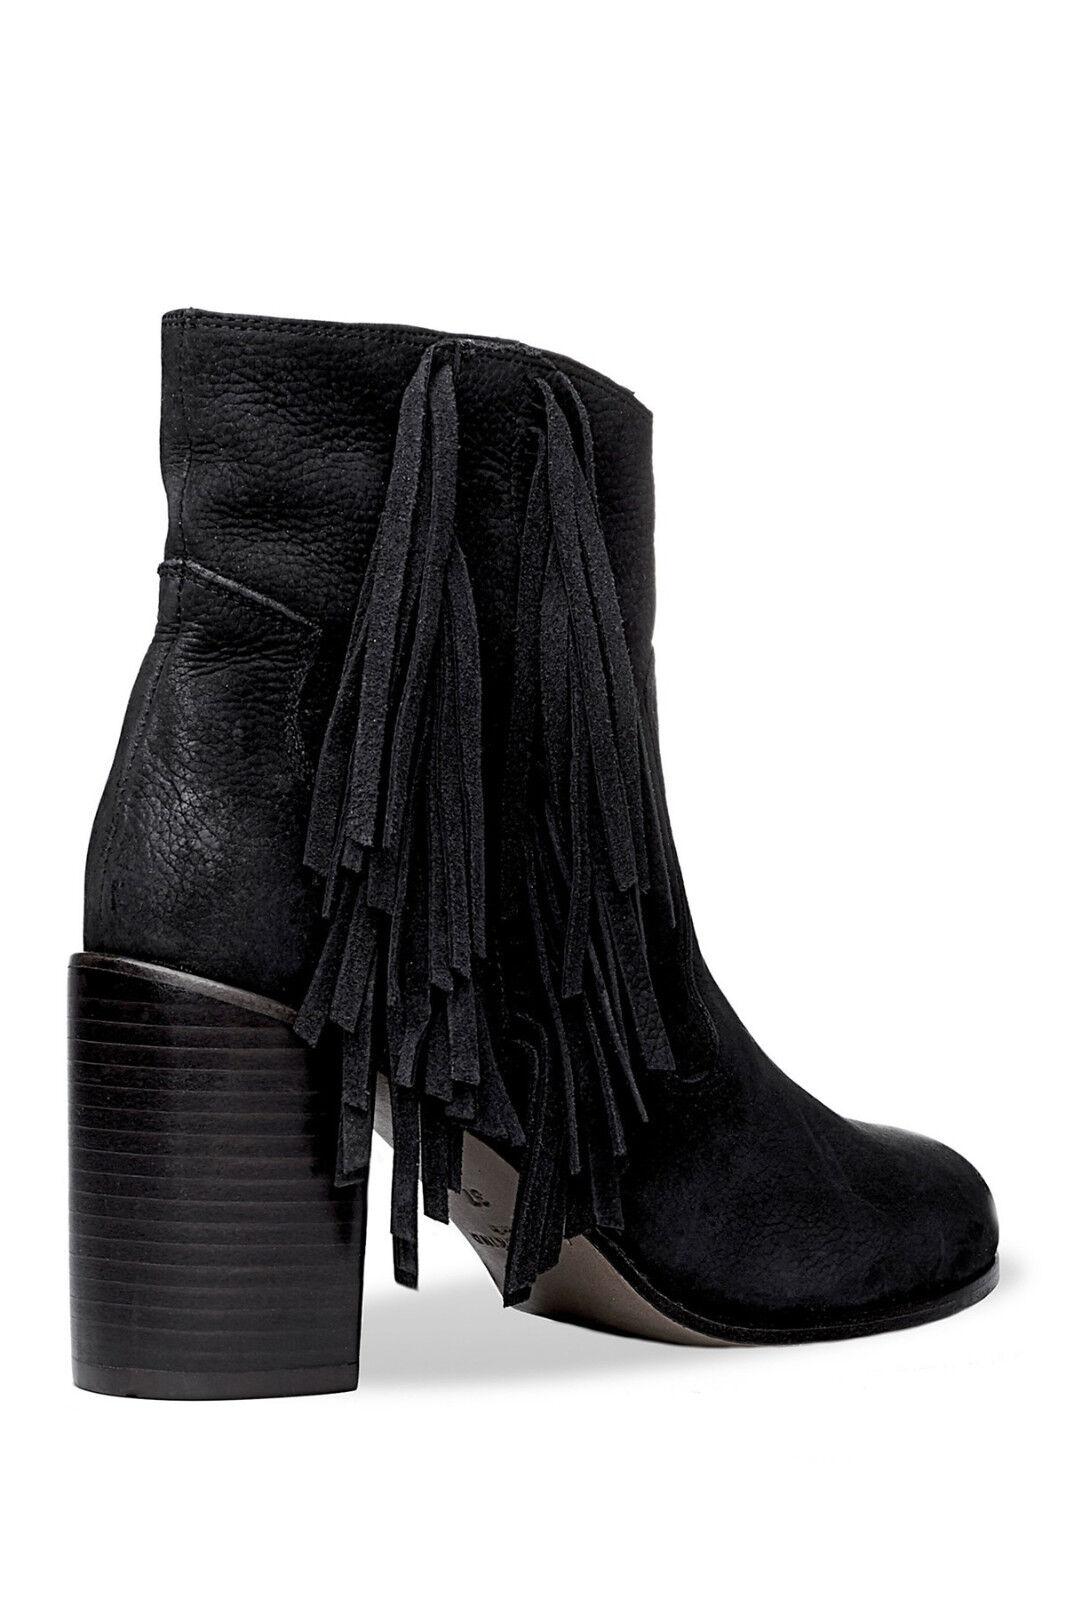 Liebeskind Berlin Nubuck Black Suede Fringe Heeled Ankle Boots 36US 6  318